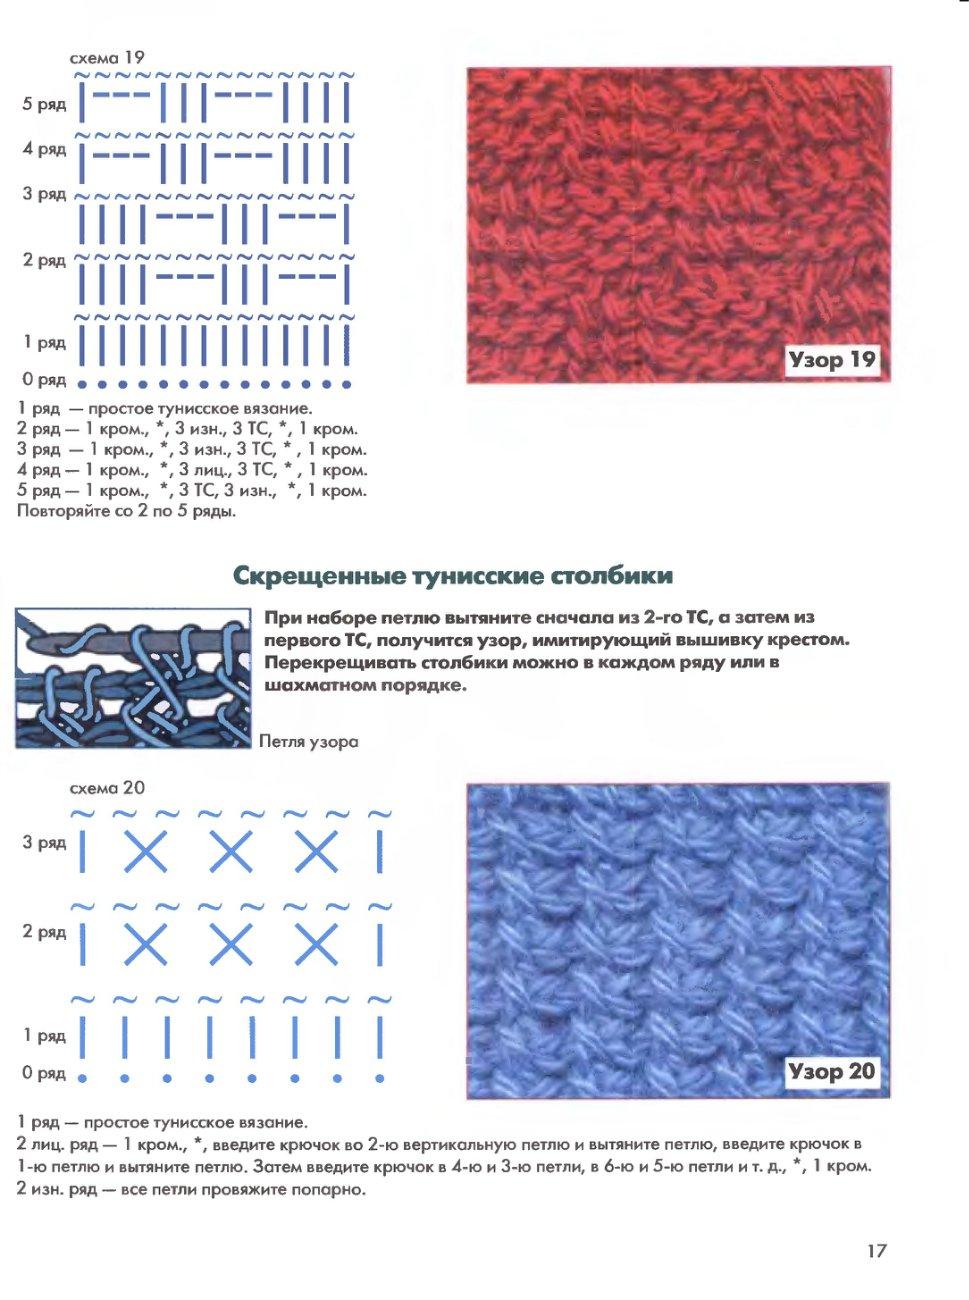 Тунисское вязание крючком для начинающих схема 583